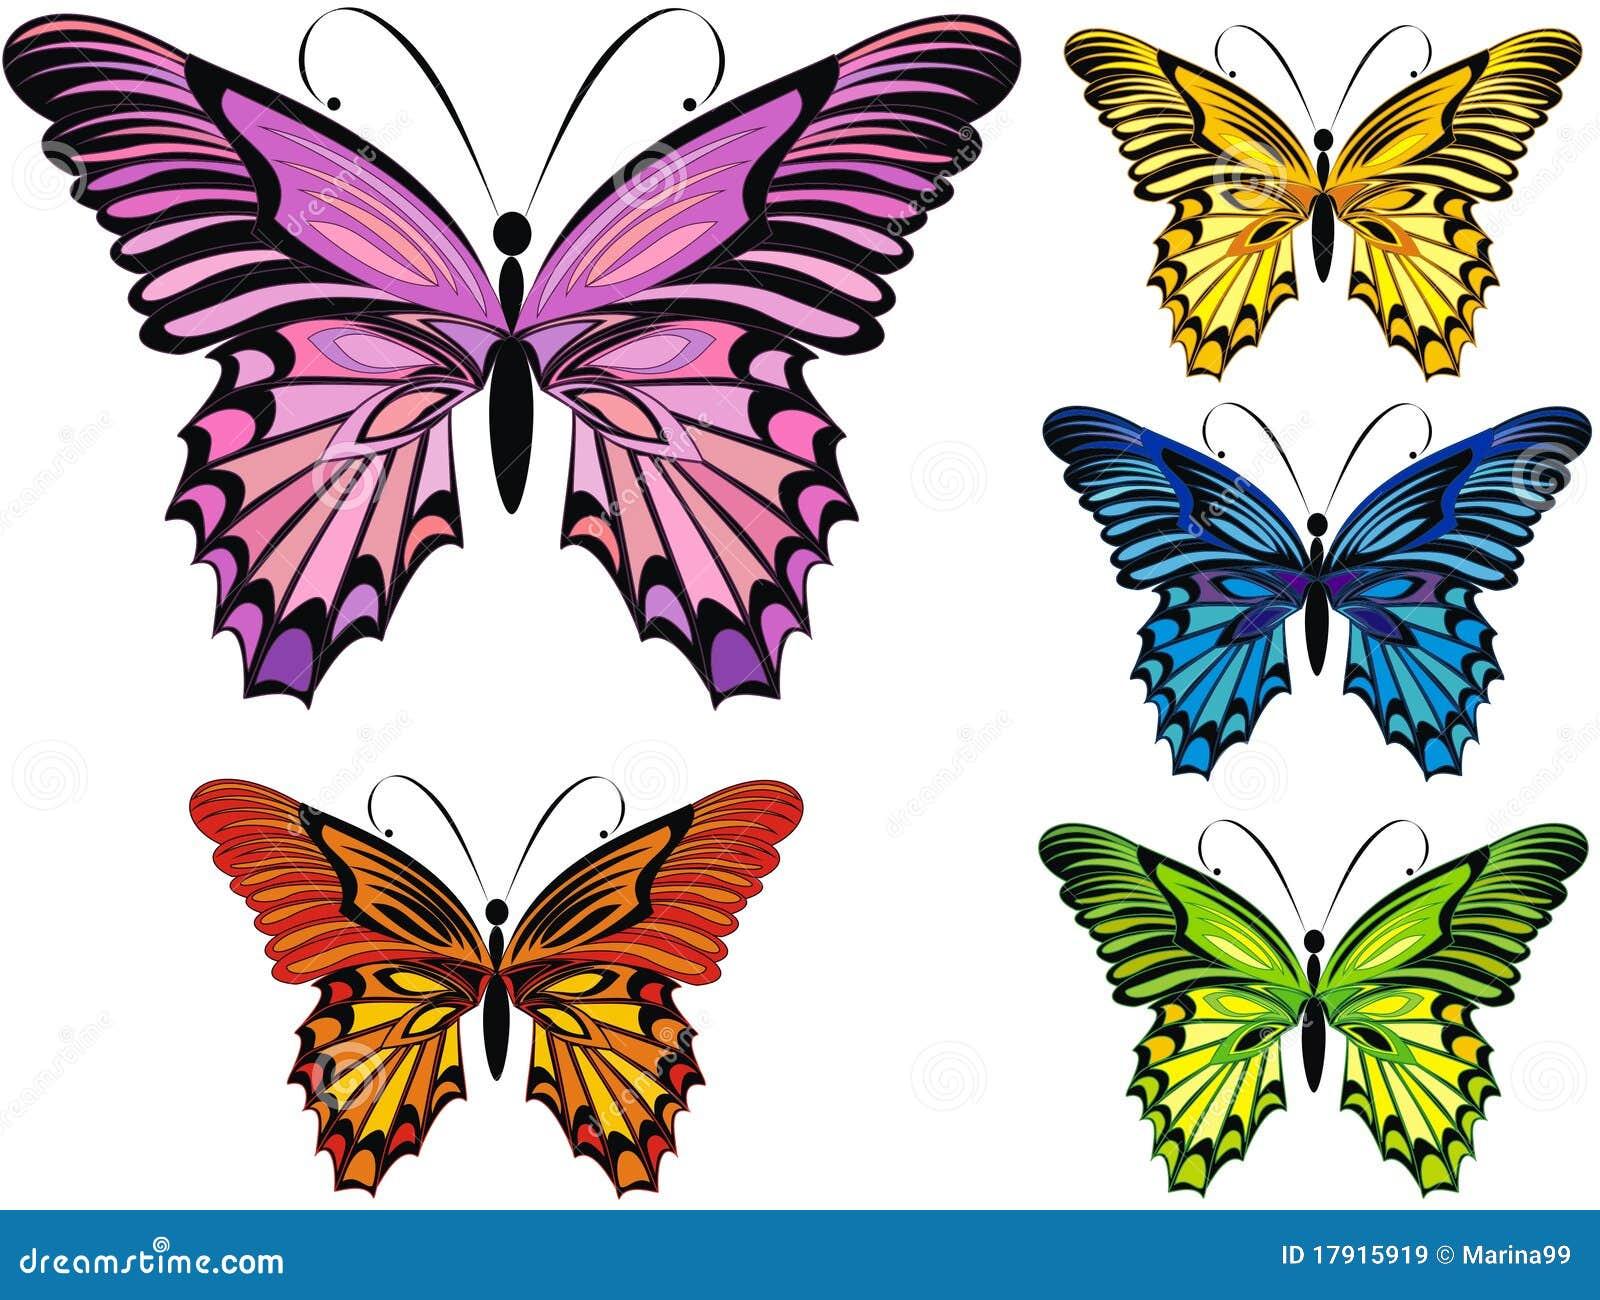 21 mooie kleurrijke vlinder - photo #30